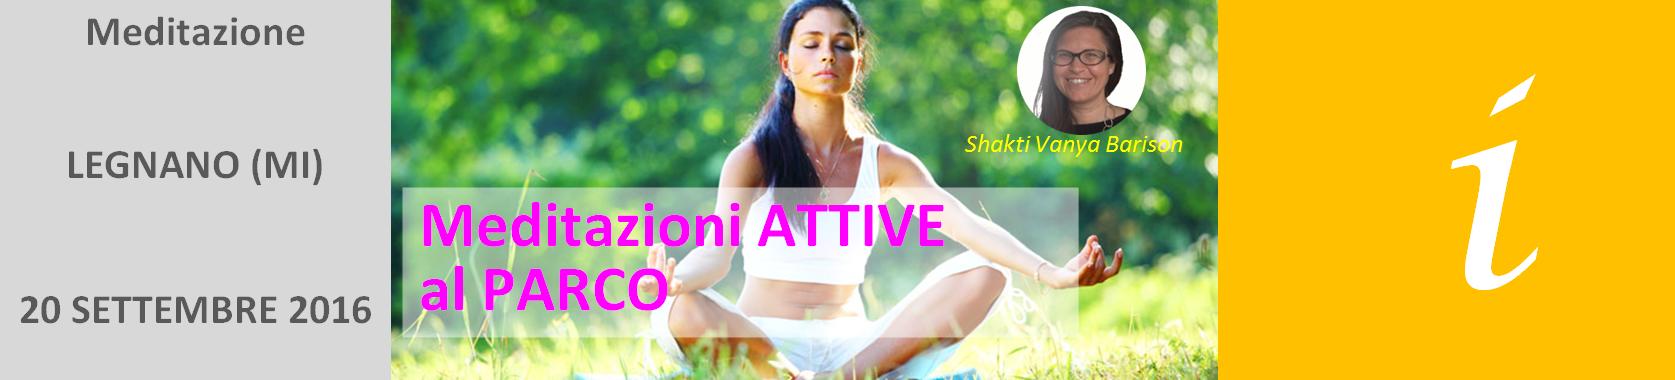 banner-meditazioni-attive-al-parco-legnano-20